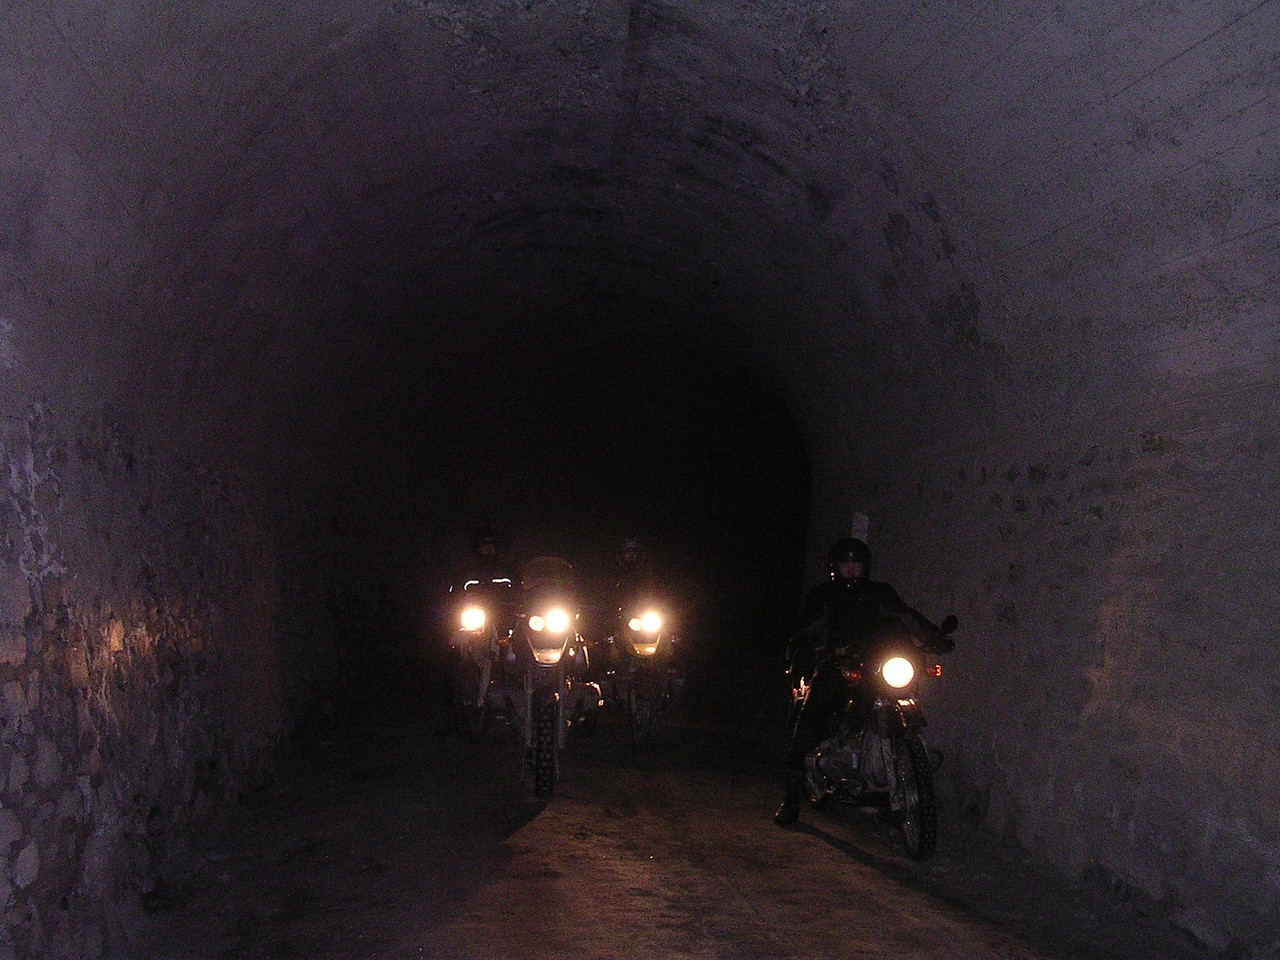 De eerste rit door een nieuwe tunnel. Scary